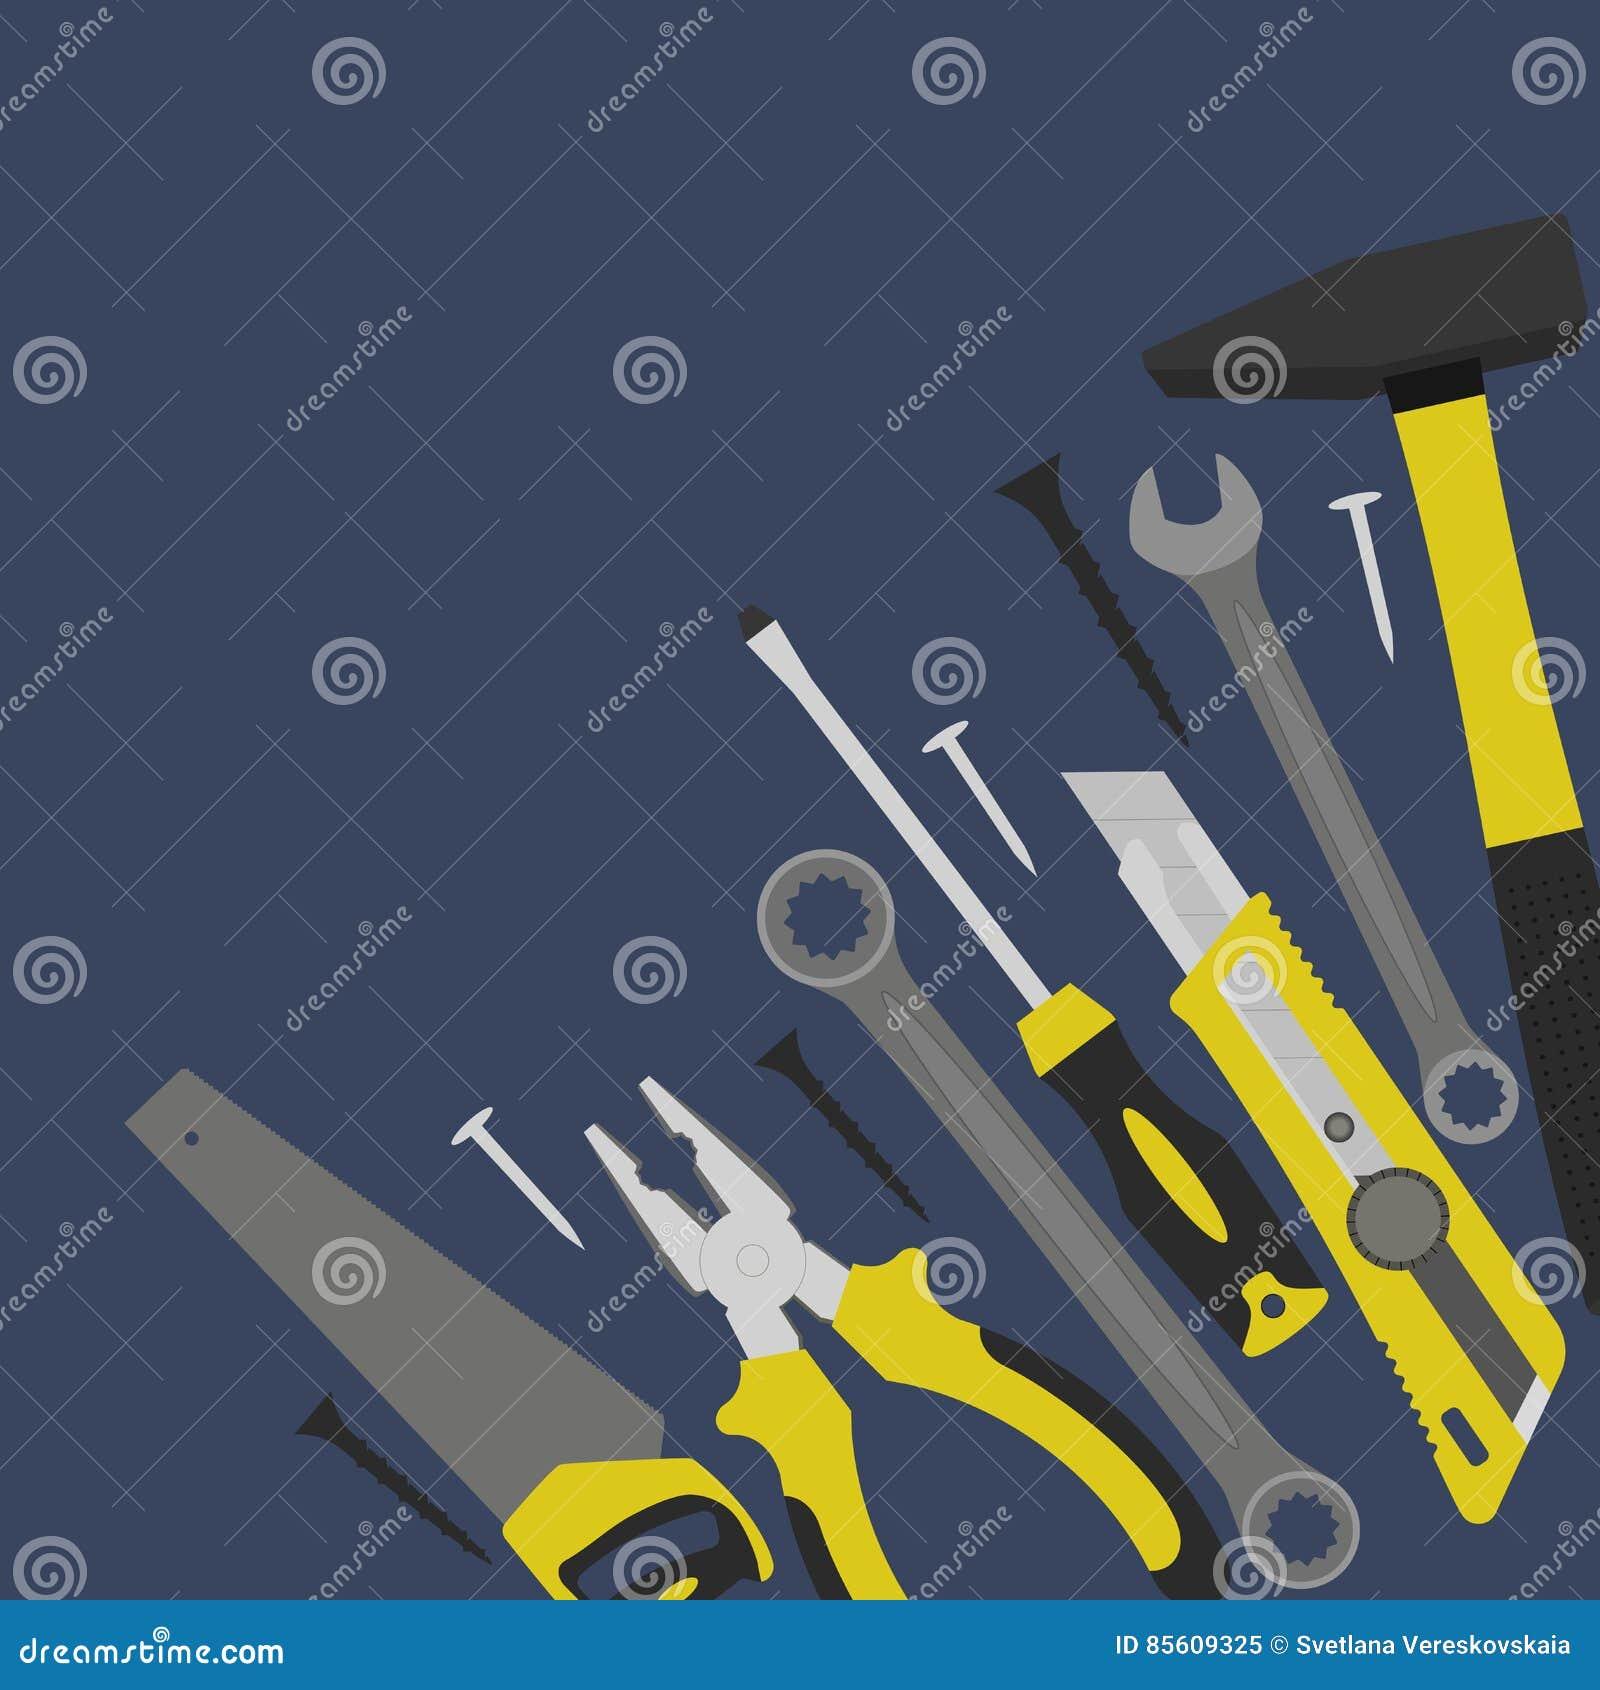 Werkzeuge für Bau und Reparatur sind in der Ecke